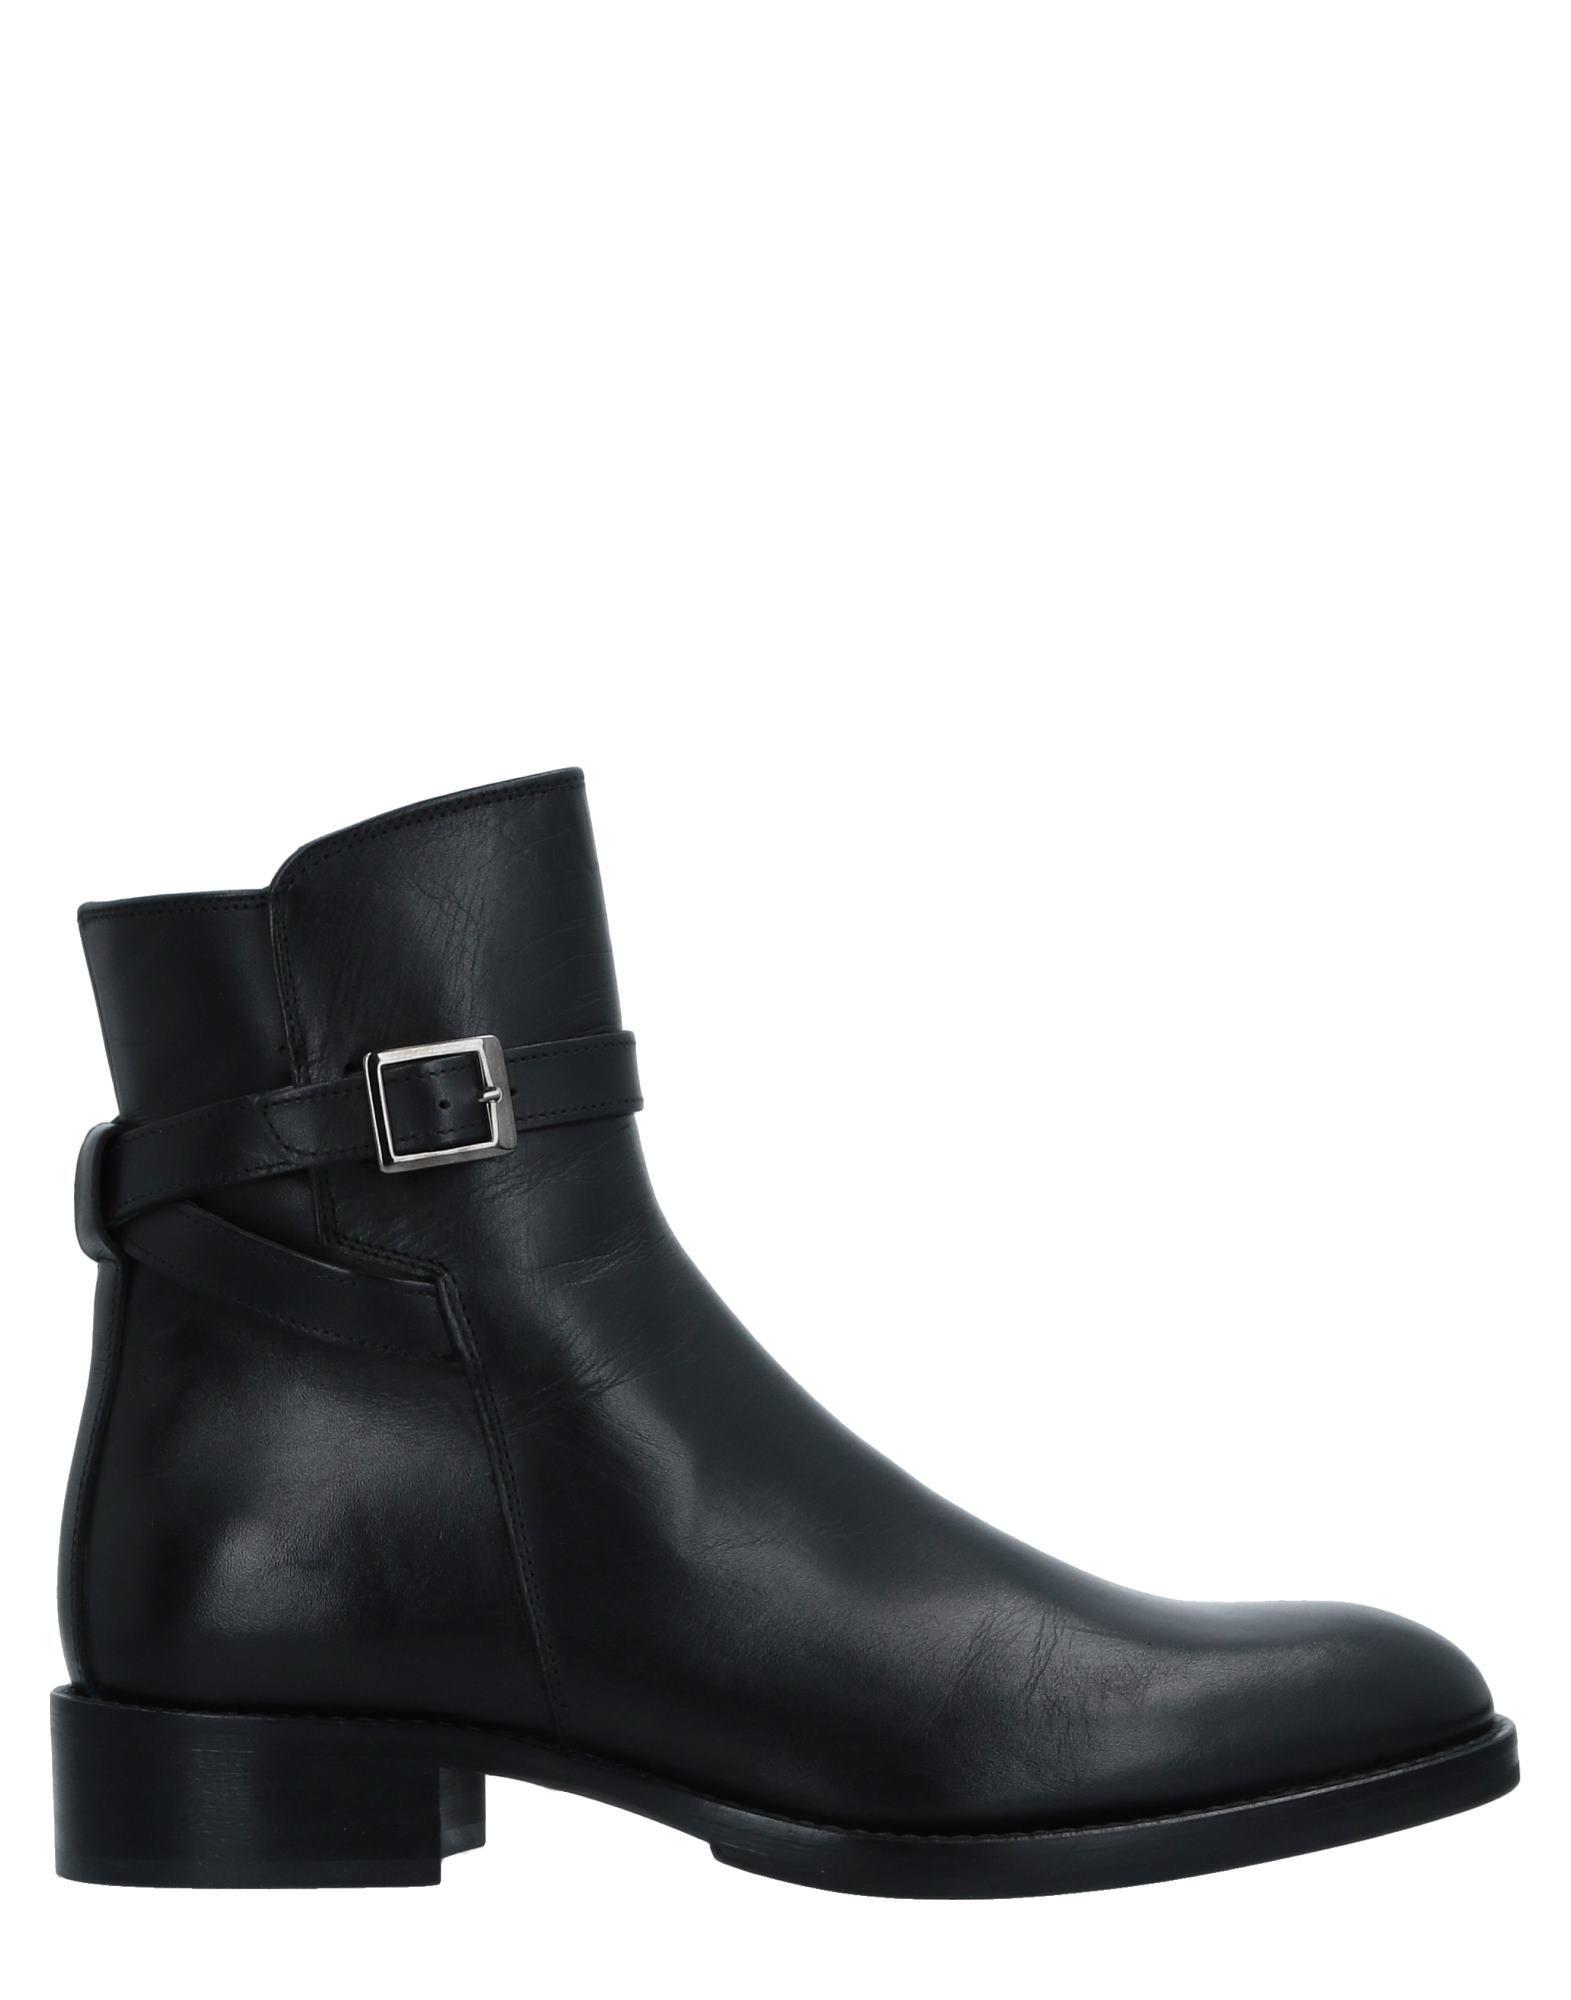 Fragiacomo Stiefelette Damen  11519551BEGut aussehende strapazierfähige Schuhe